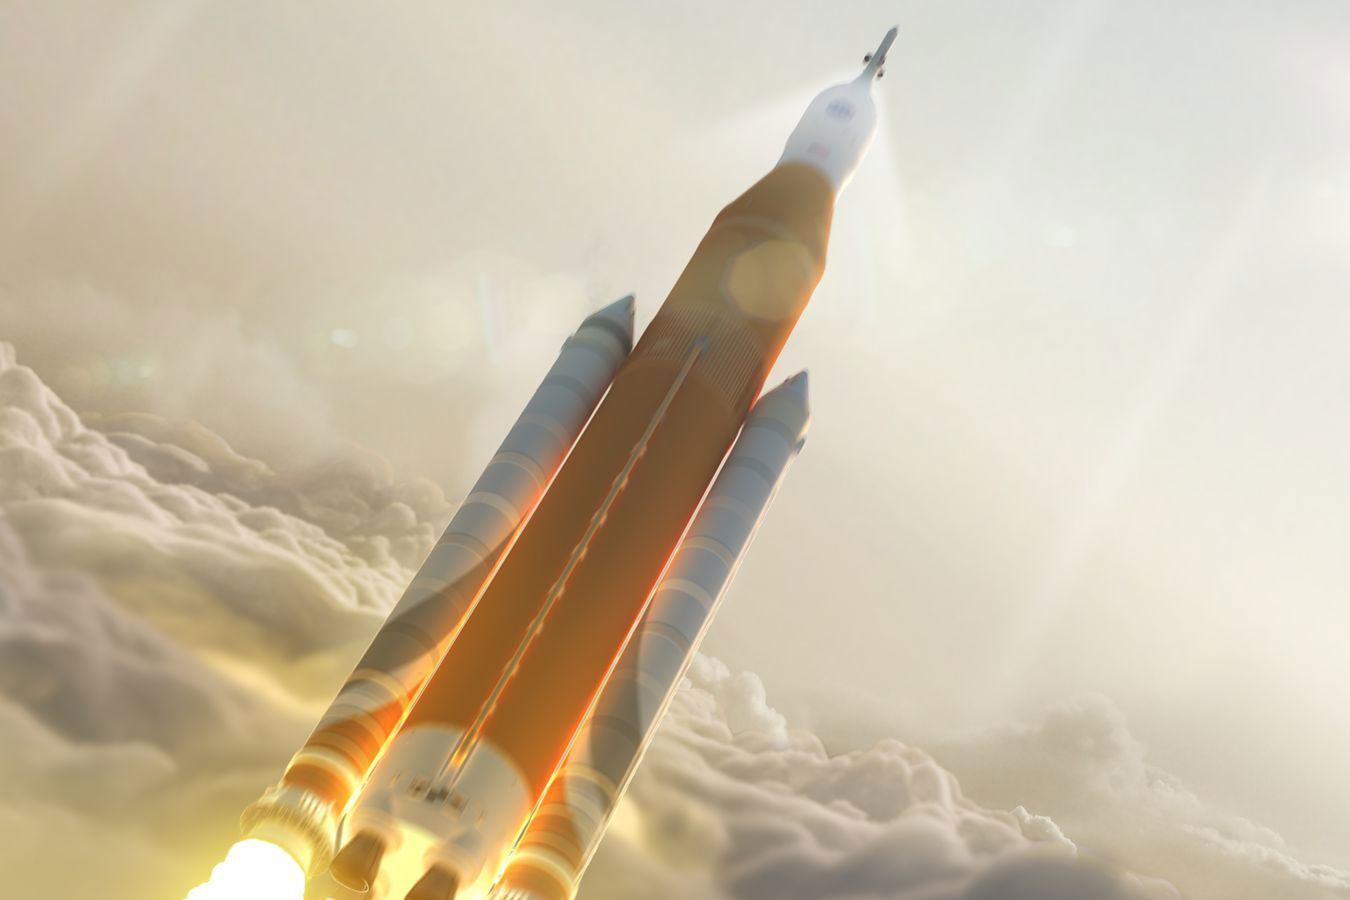 重返月球要花多少钱?NASA:一颗火箭可能要百亿